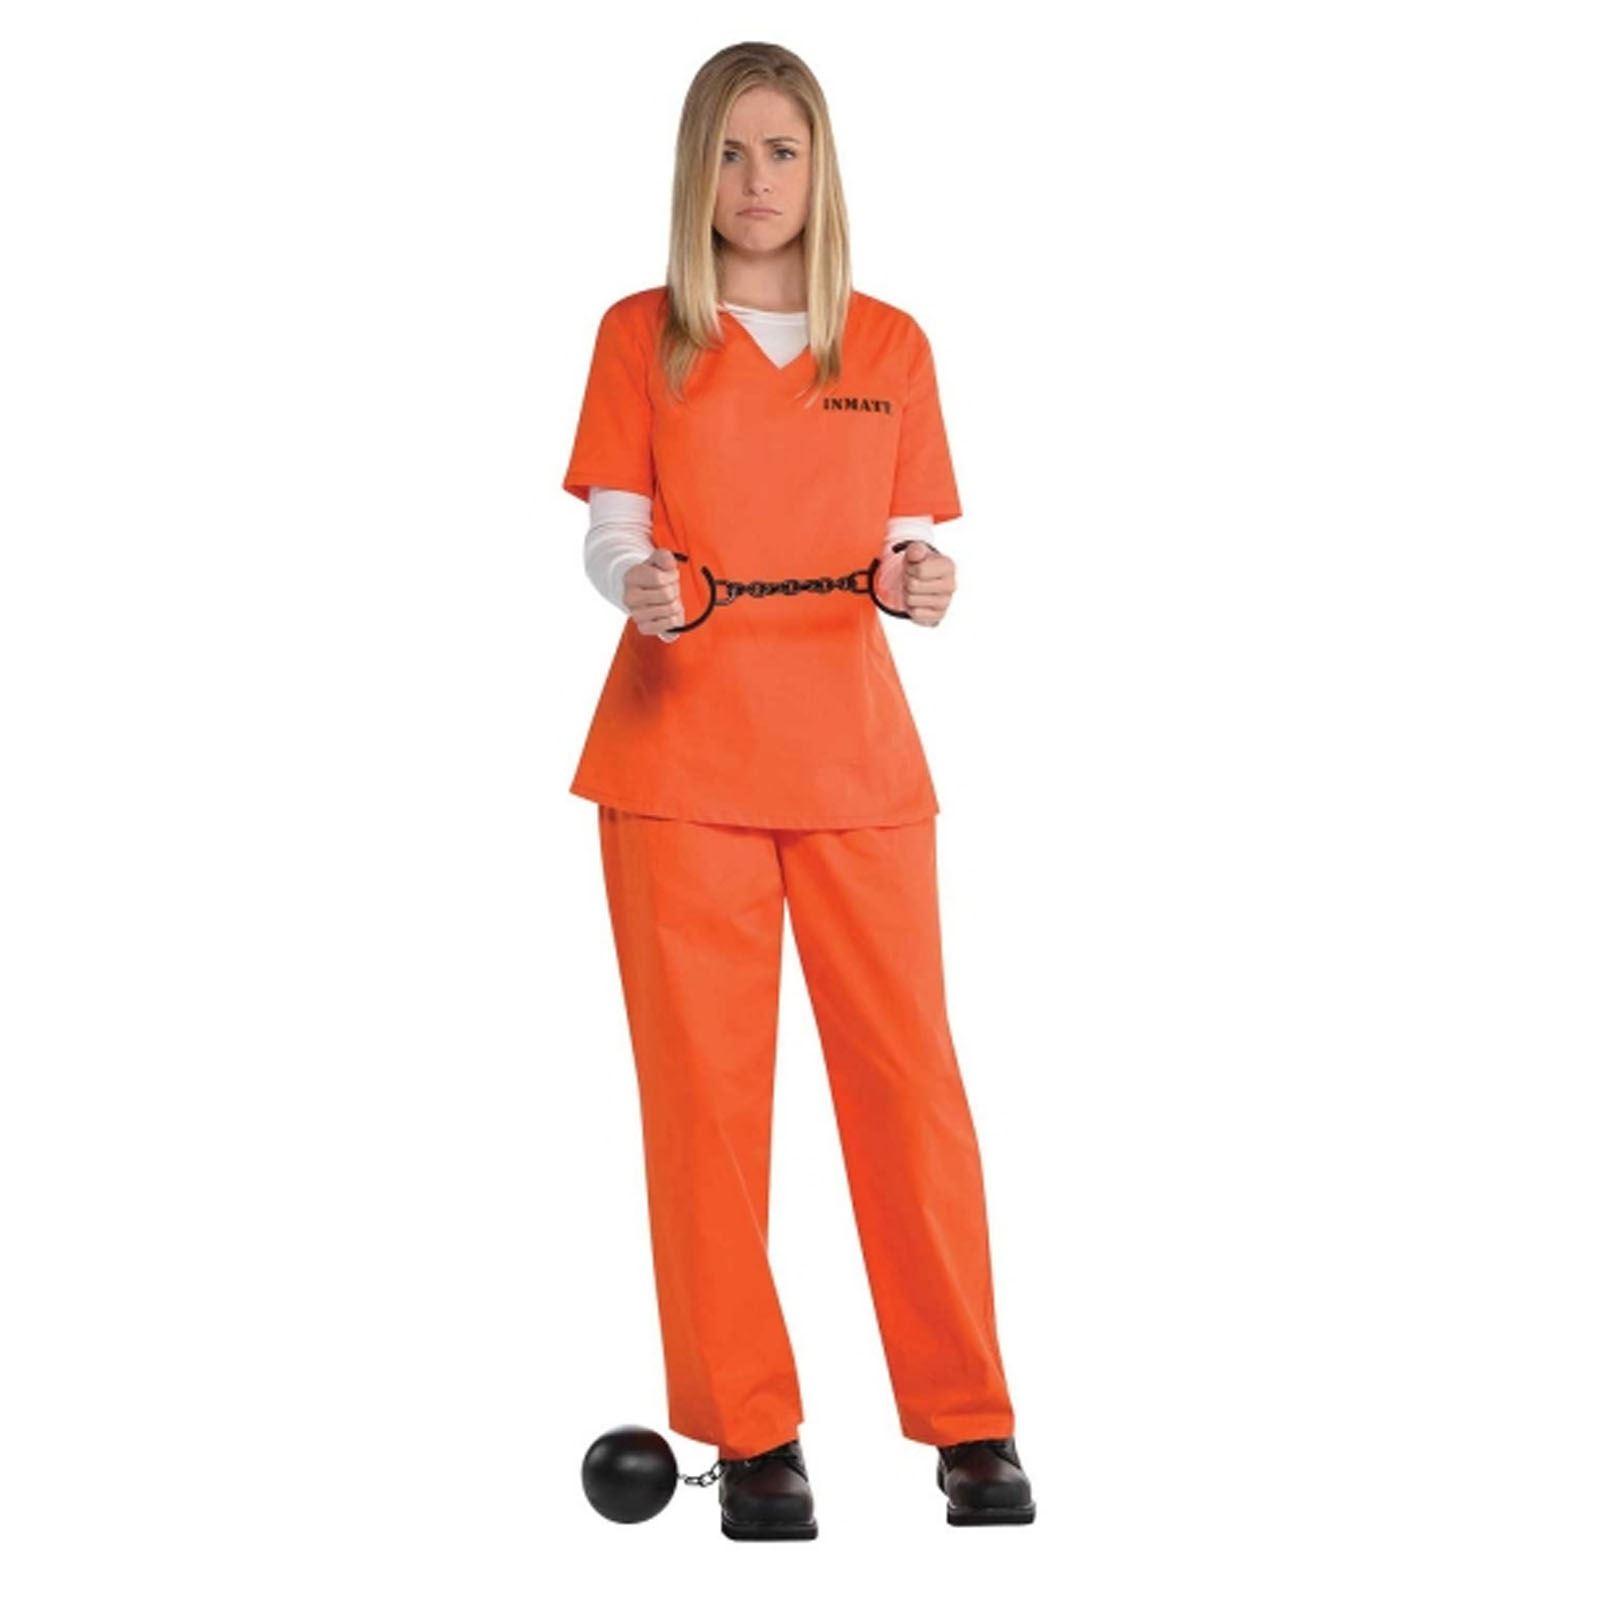 Ladies-Orange-Inmate-Uniform-Convict-Prisoner-New-Black-  sc 1 st  eBay & Ladies Orange Inmate Uniform Convict Prisoner New Black Fancy Dress ...